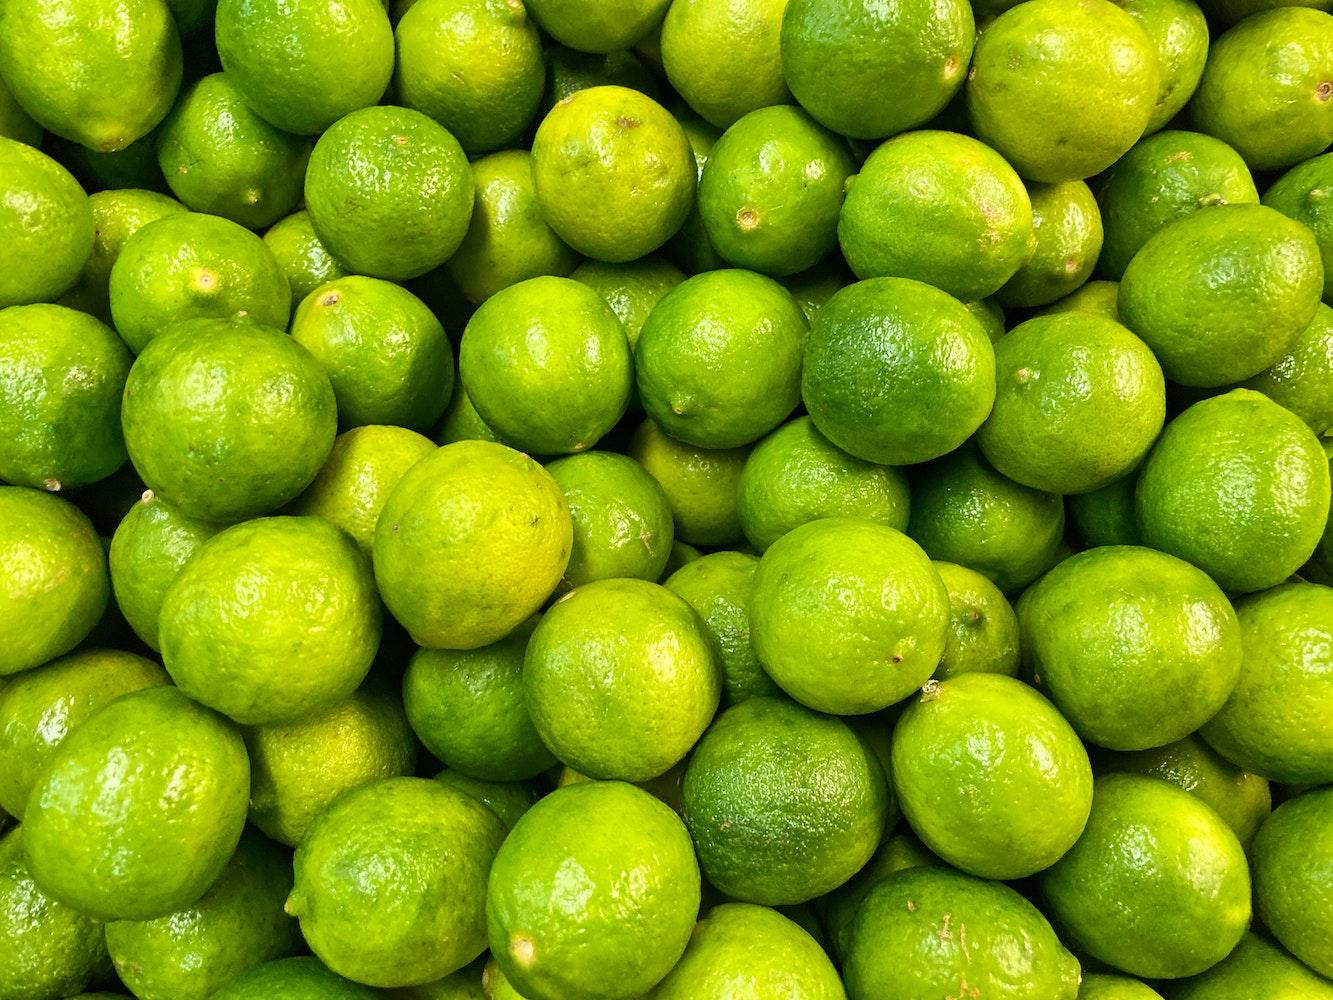 New Zealand grown limes (500g bag)